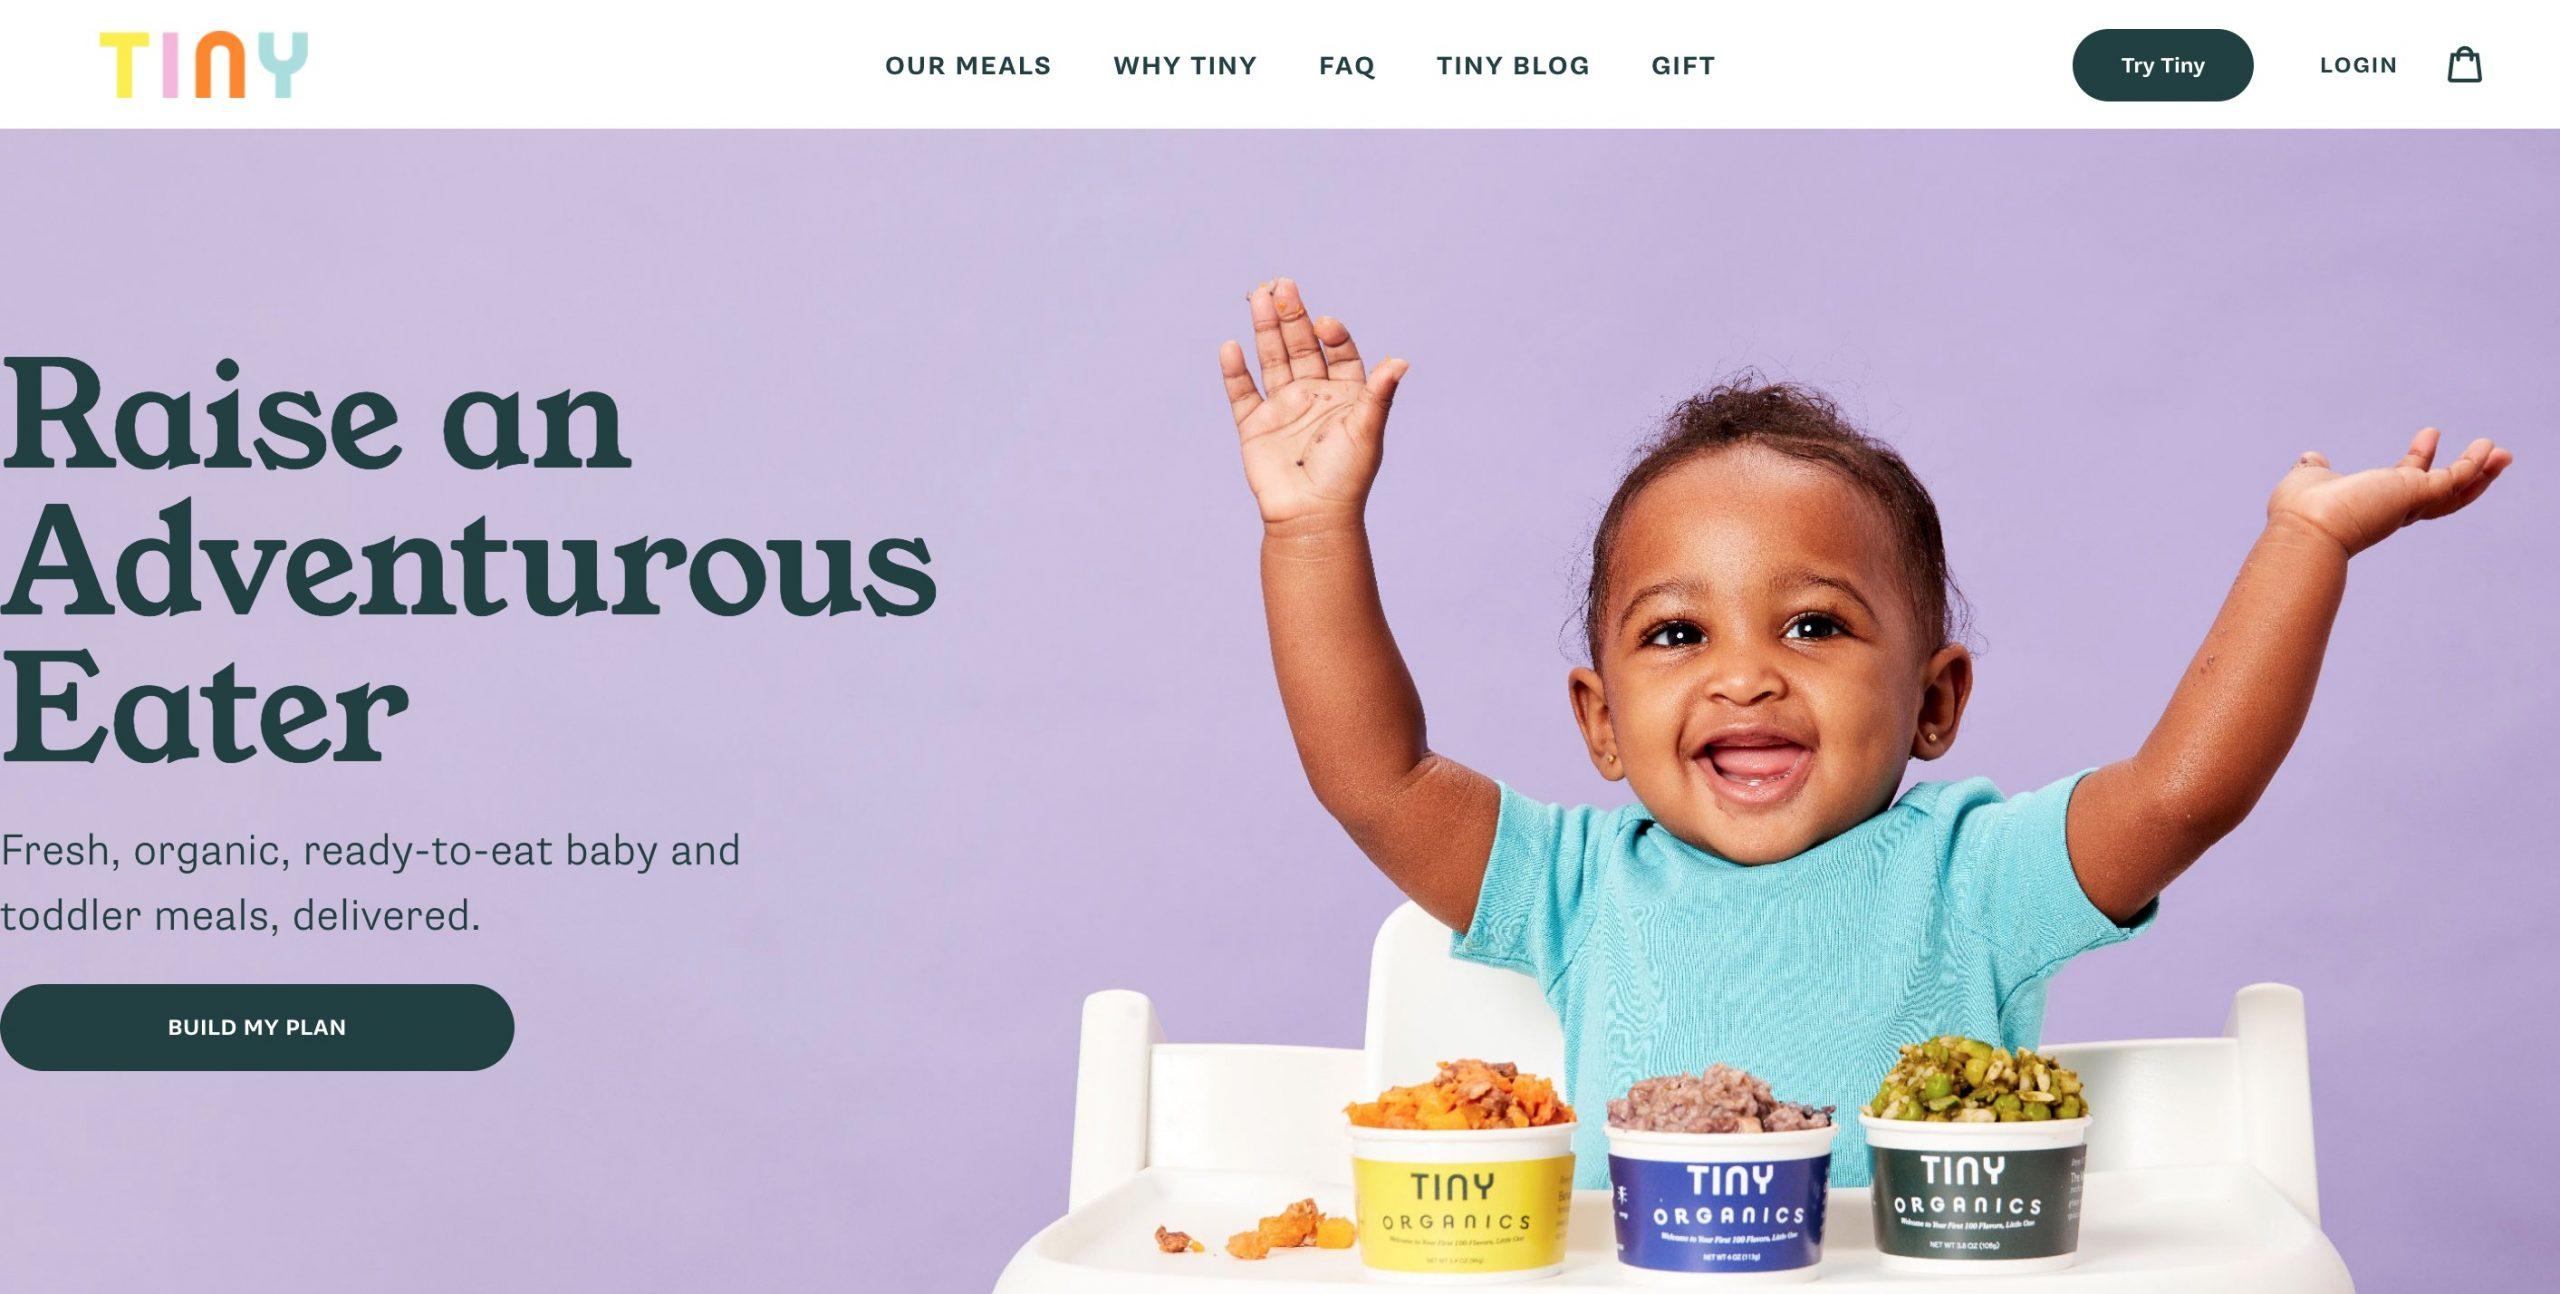 Tiny Organics main page